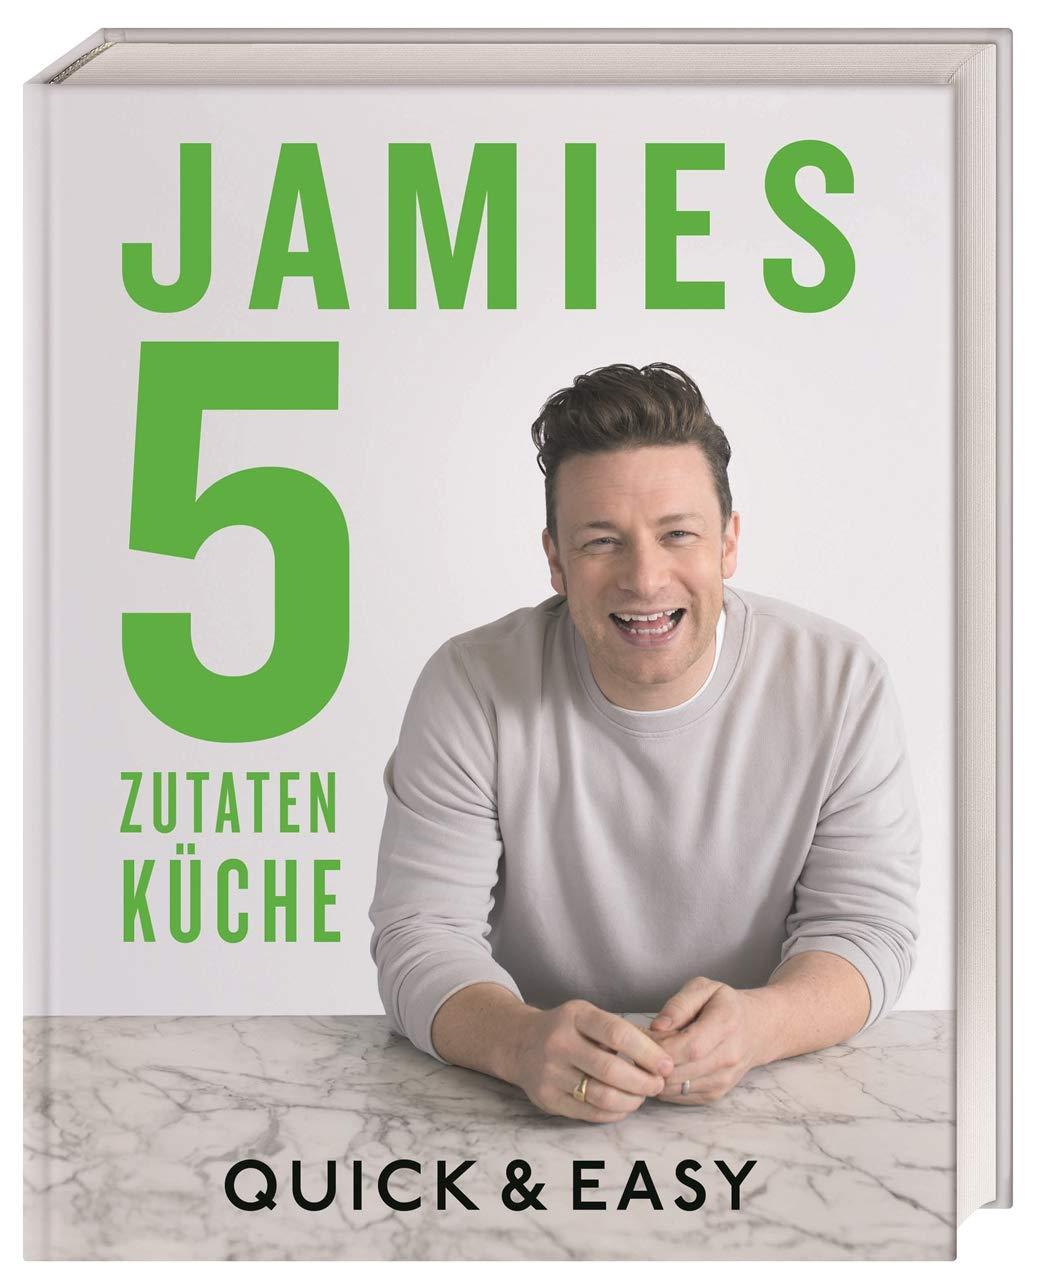 Jamies 18-Zutaten-Küche: Quick & Easy: Amazon.es: Oliver, Jamie